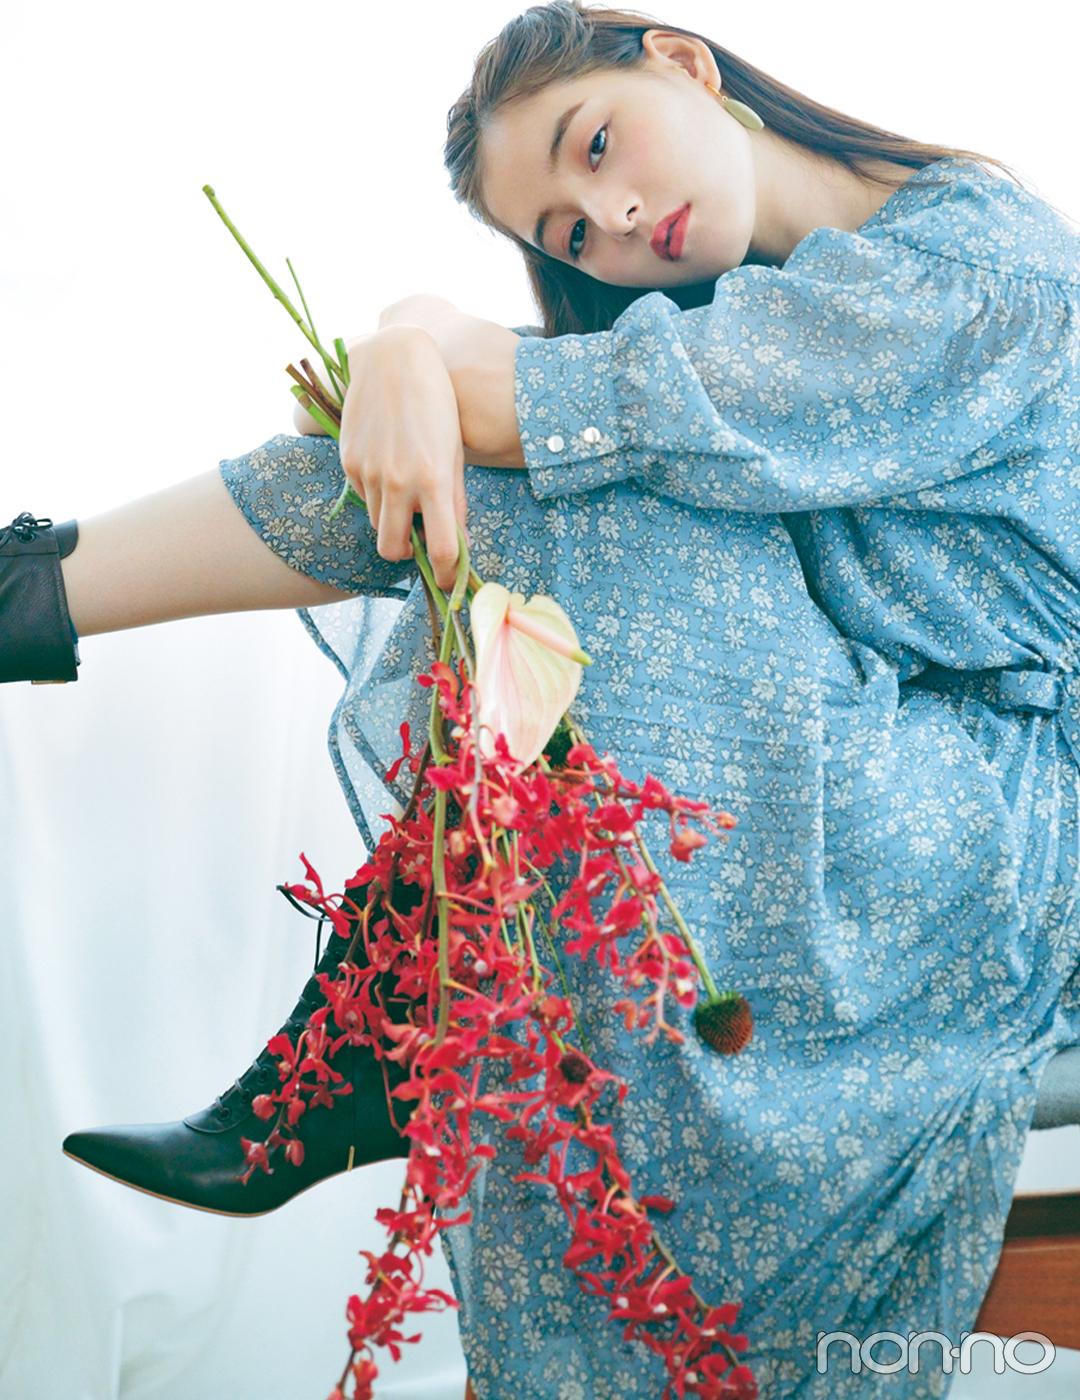 新木優子×新しいこと始まる秋服。「花柄ワンピはヴィンテージなムードで」